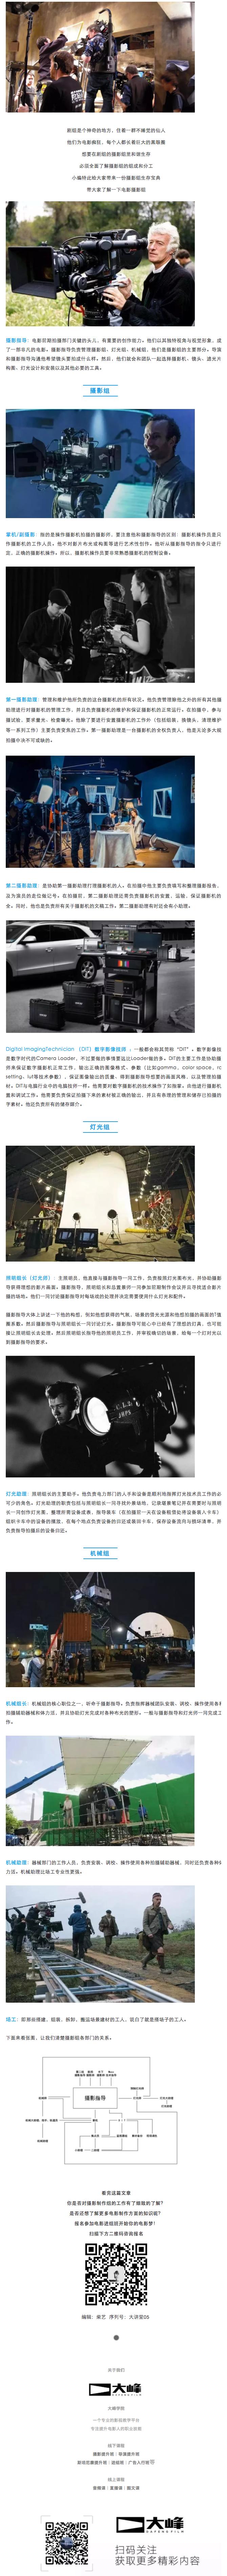 大讲堂   小萌新九州娱乐网nu11net剧组的生存宝典